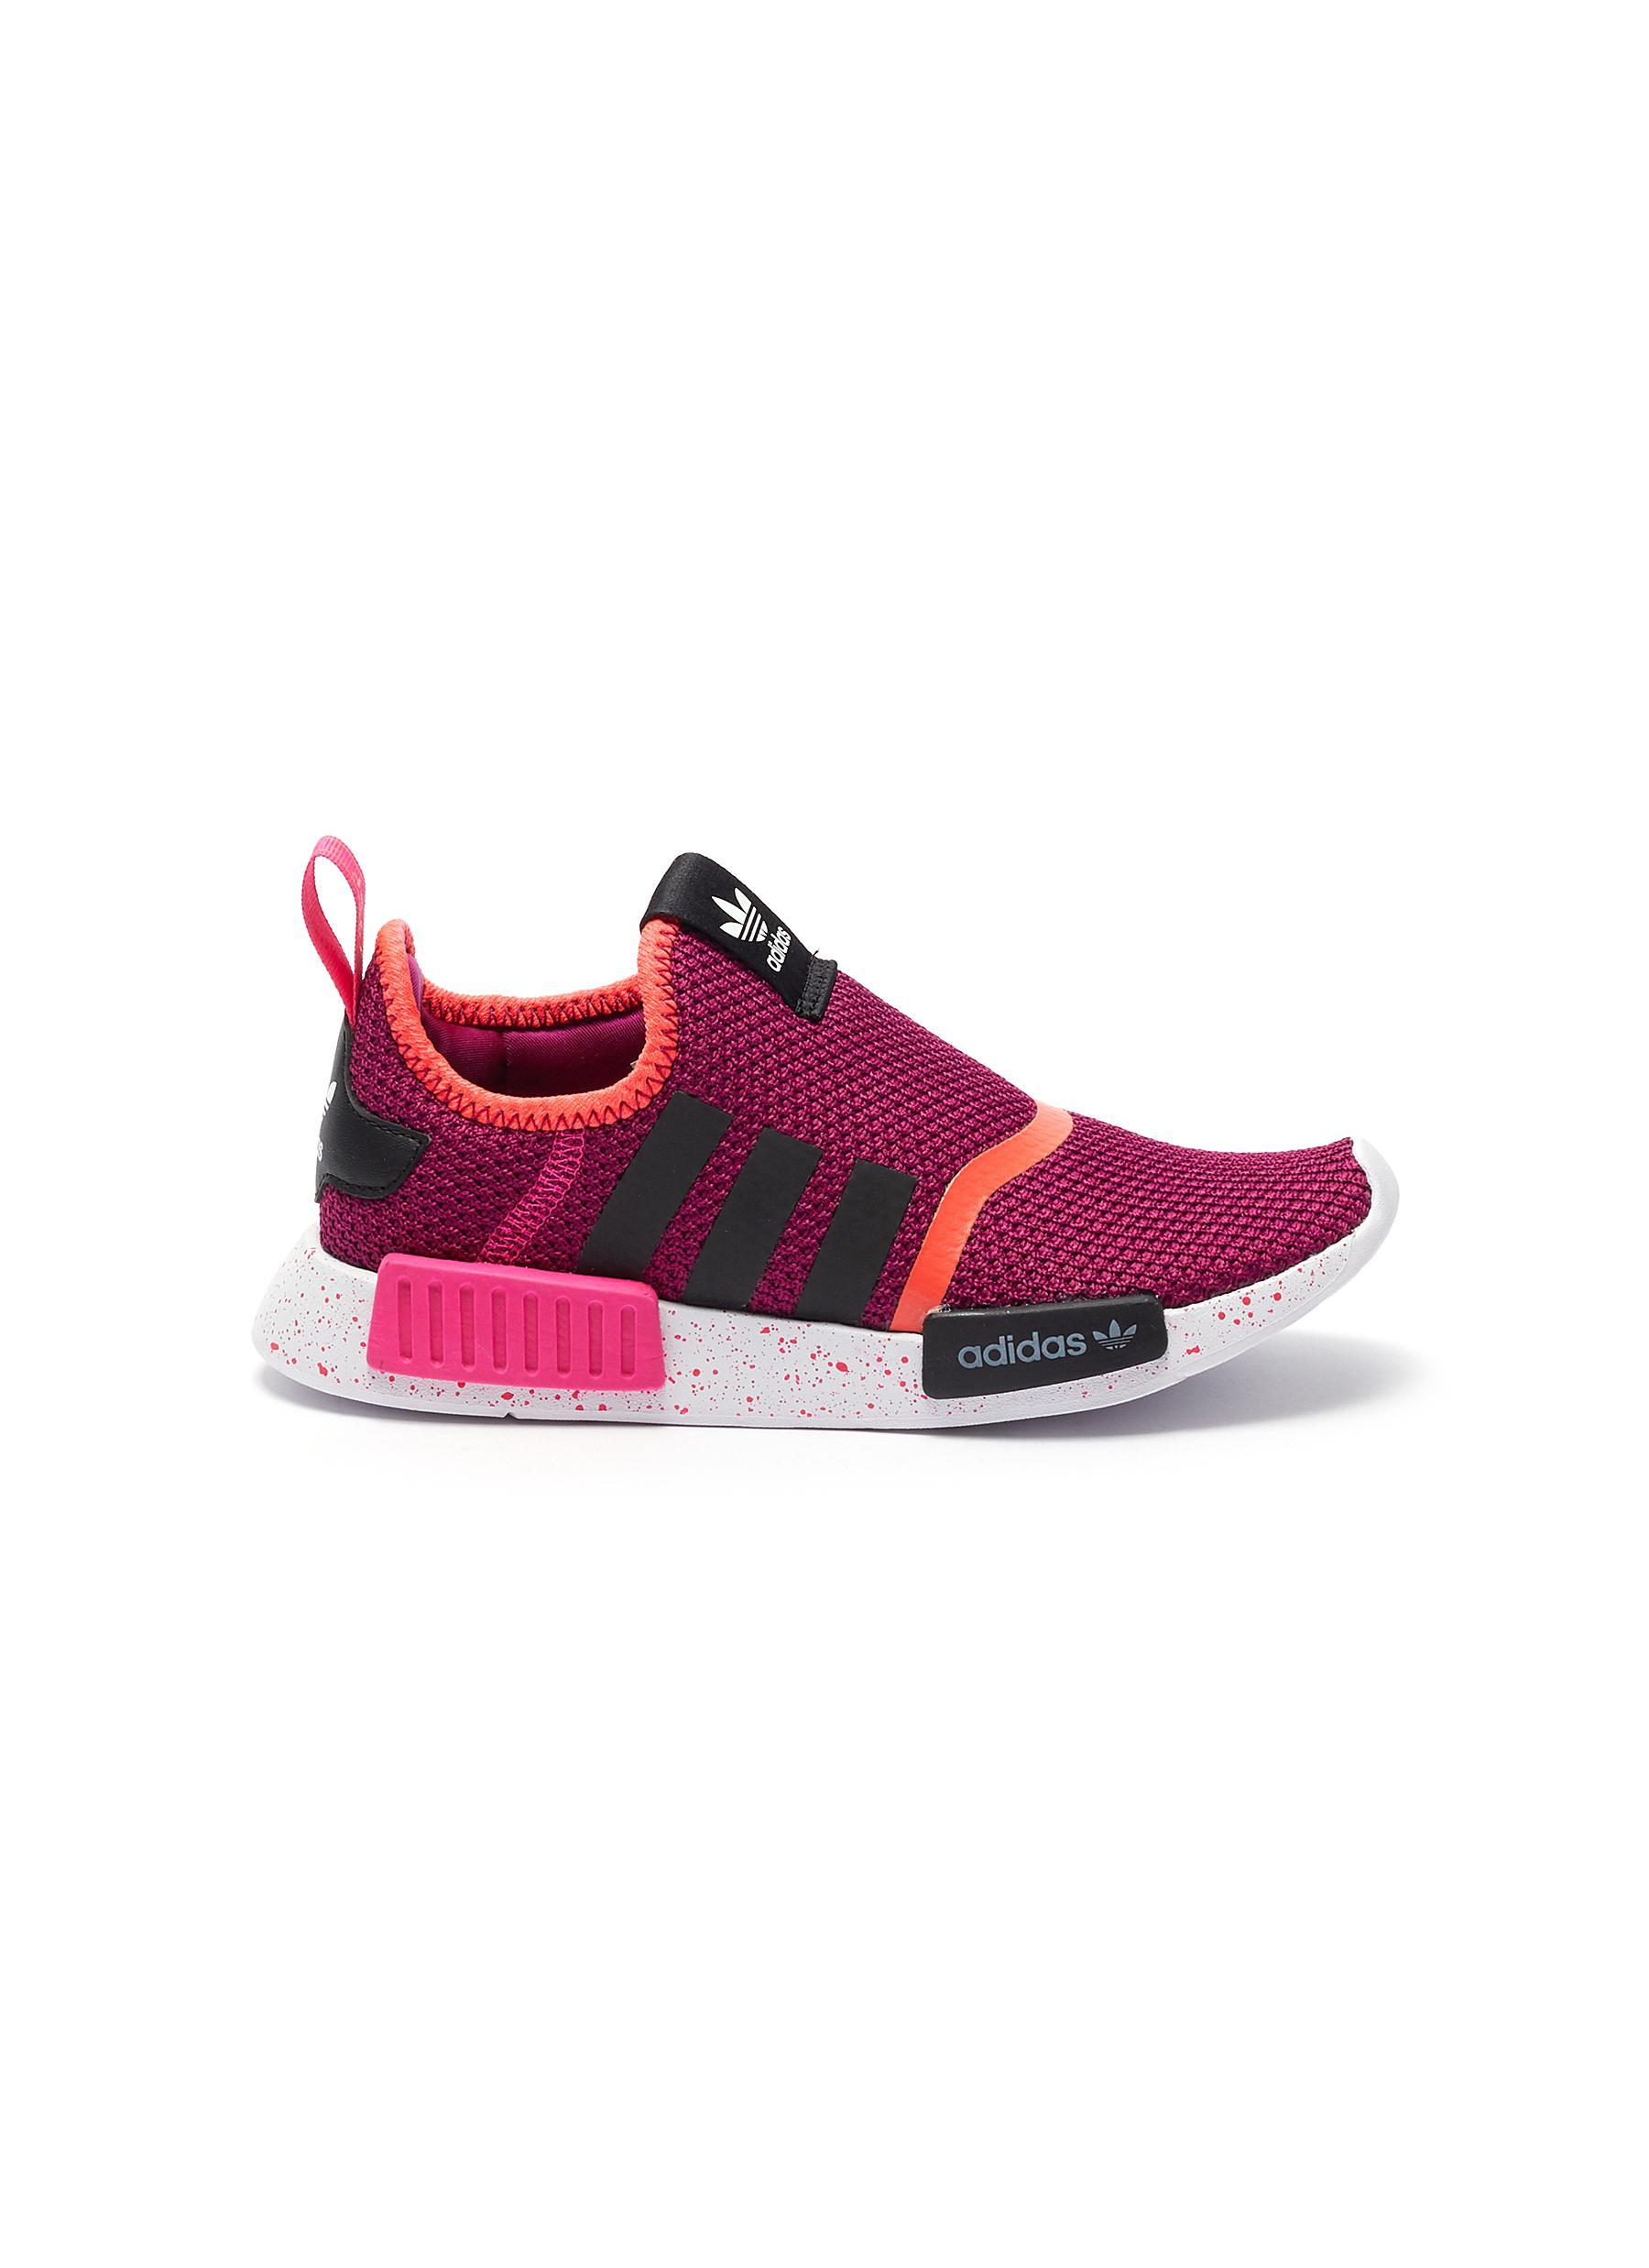 ADIDAS | NMD 360 kids slip on sneakers